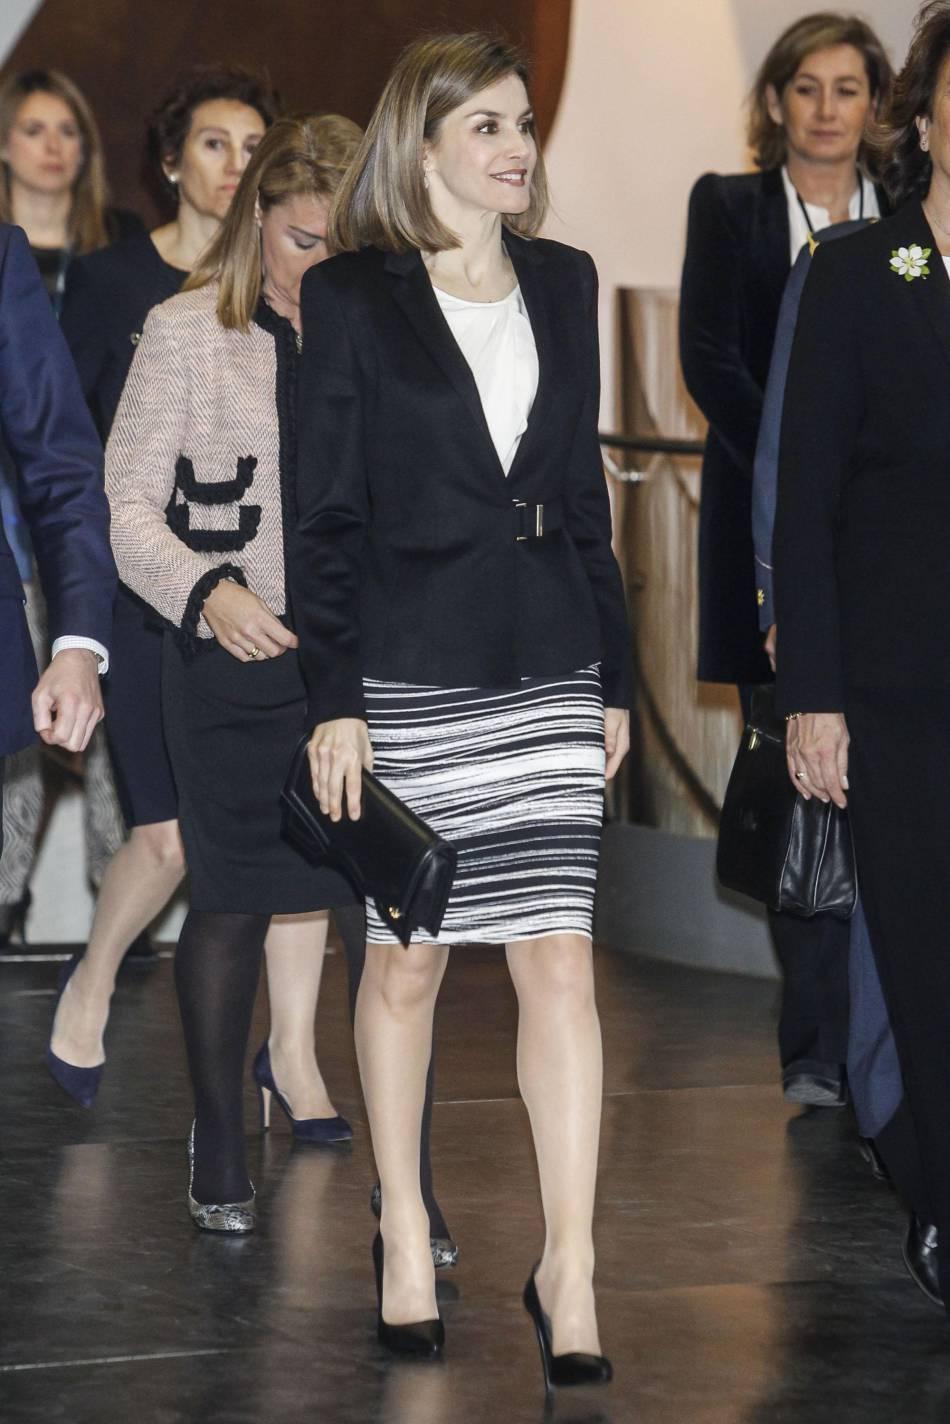 Letizia d'Espagne, ravissante en tailleur jupe. Copiez son look !